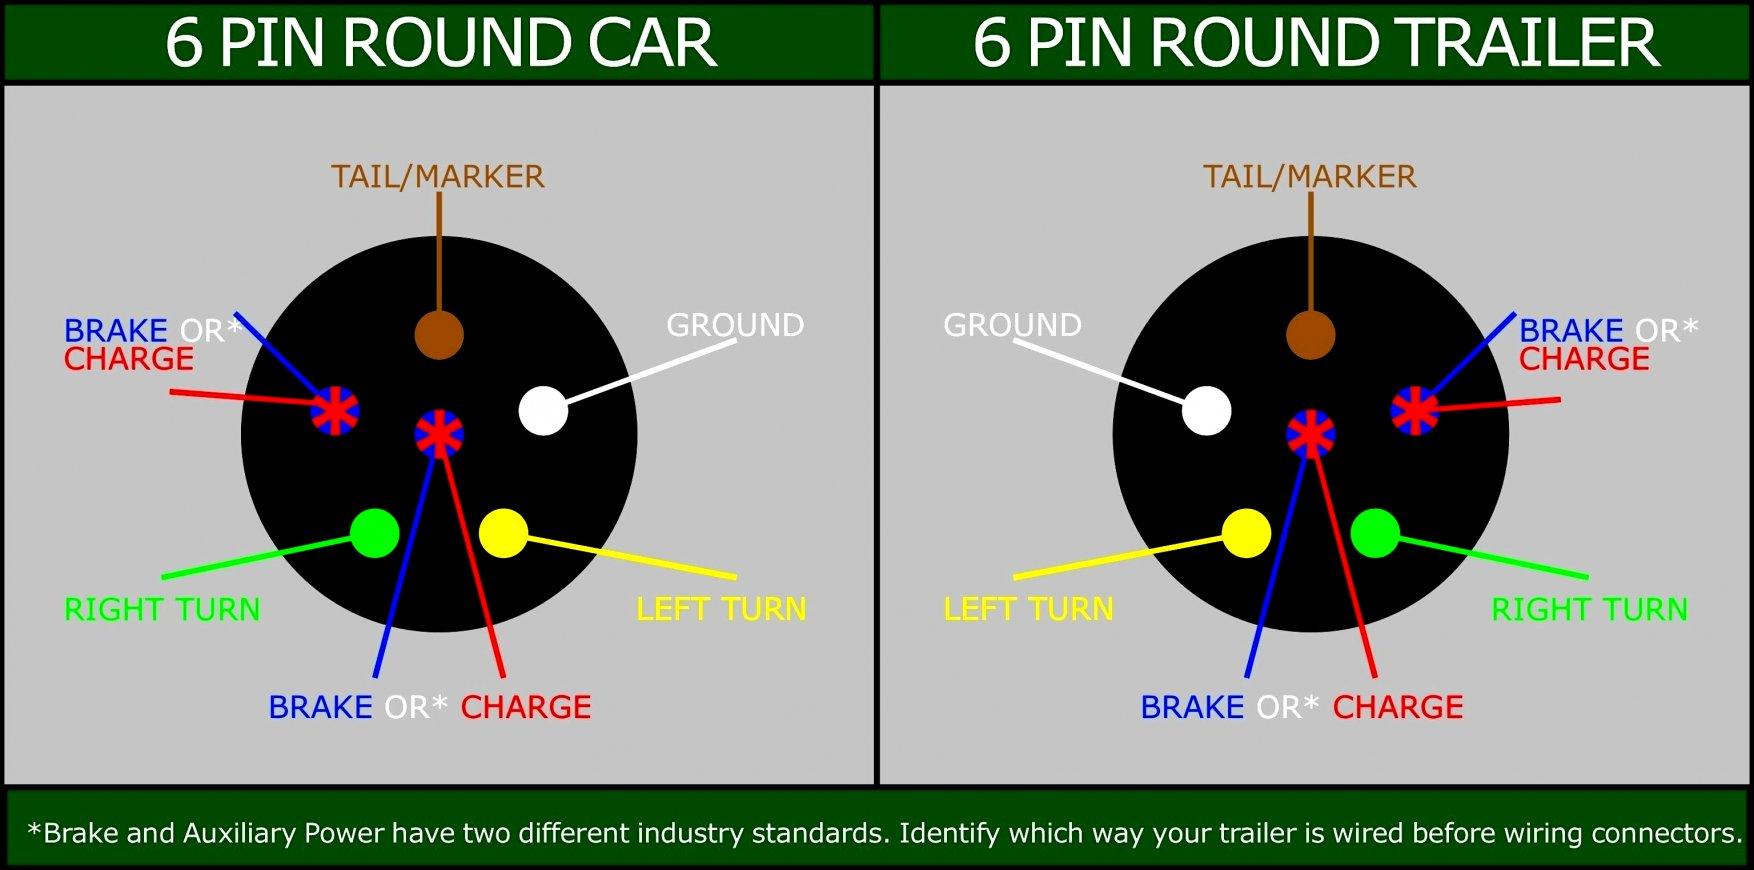 7 Pin Round Wiring - Wiring Diagrams Hubs - 7 Way Plug Wiring Diagram